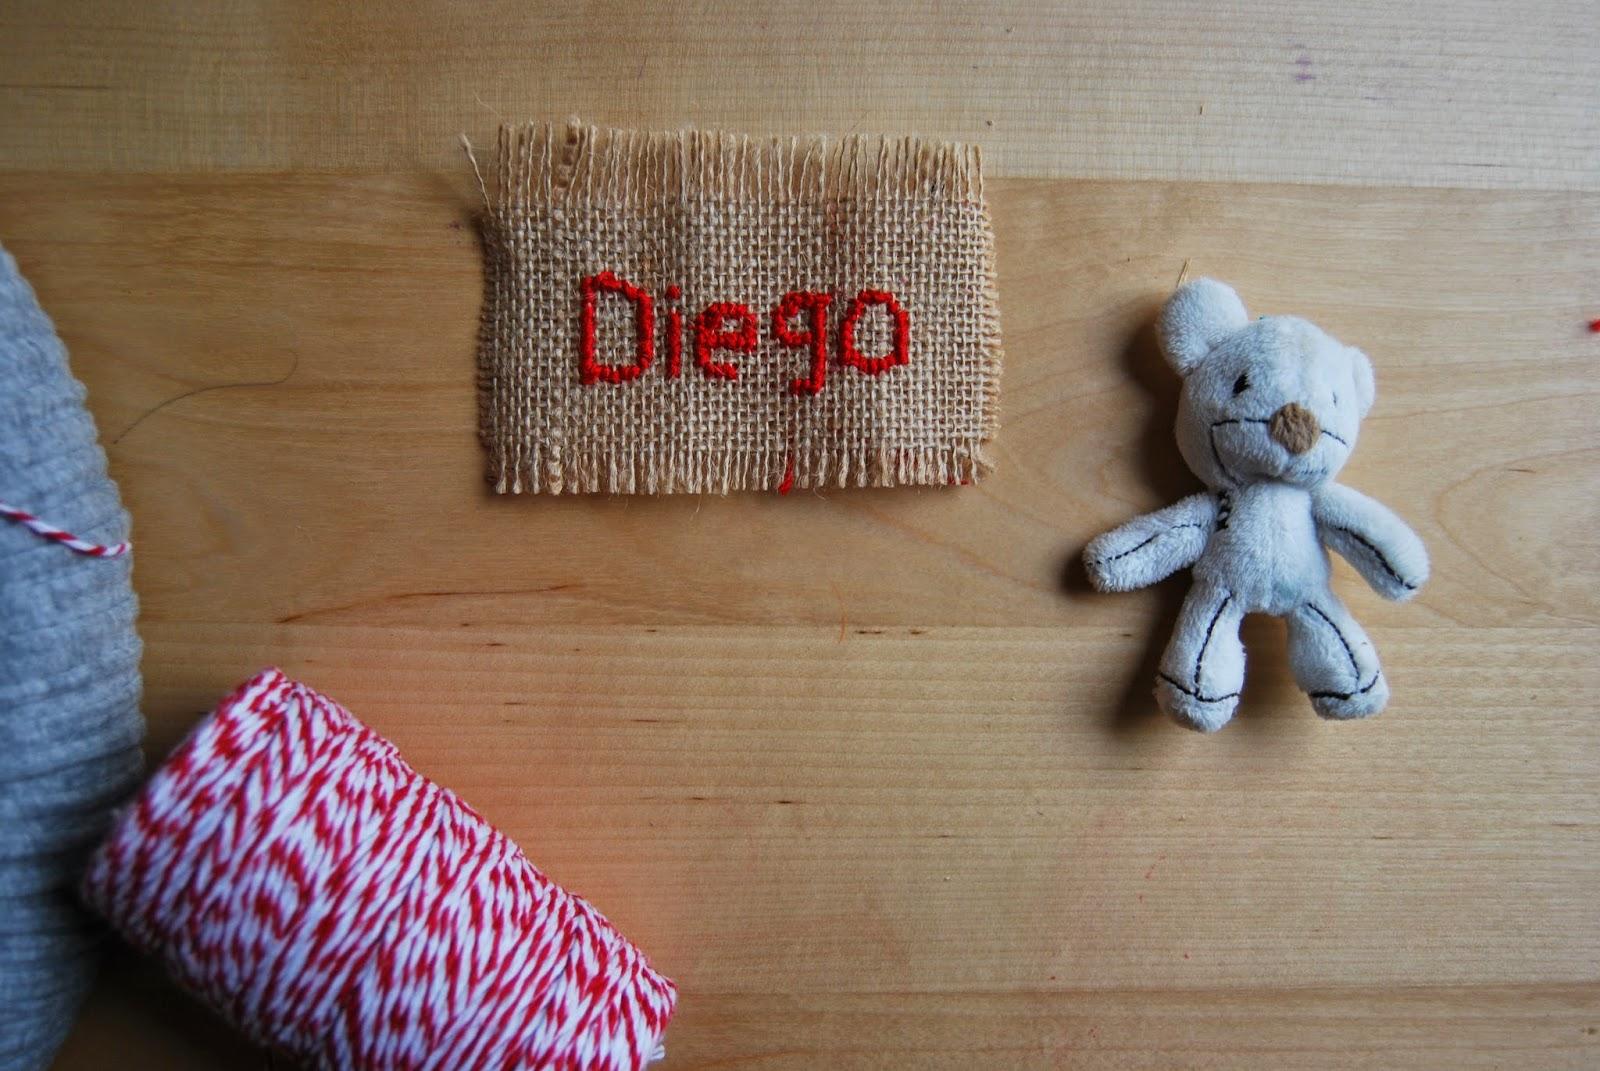 http://sosunnyblog.blogspot.com.es/2014/04/una-corona-para-dar-la-bienvenida-un.html